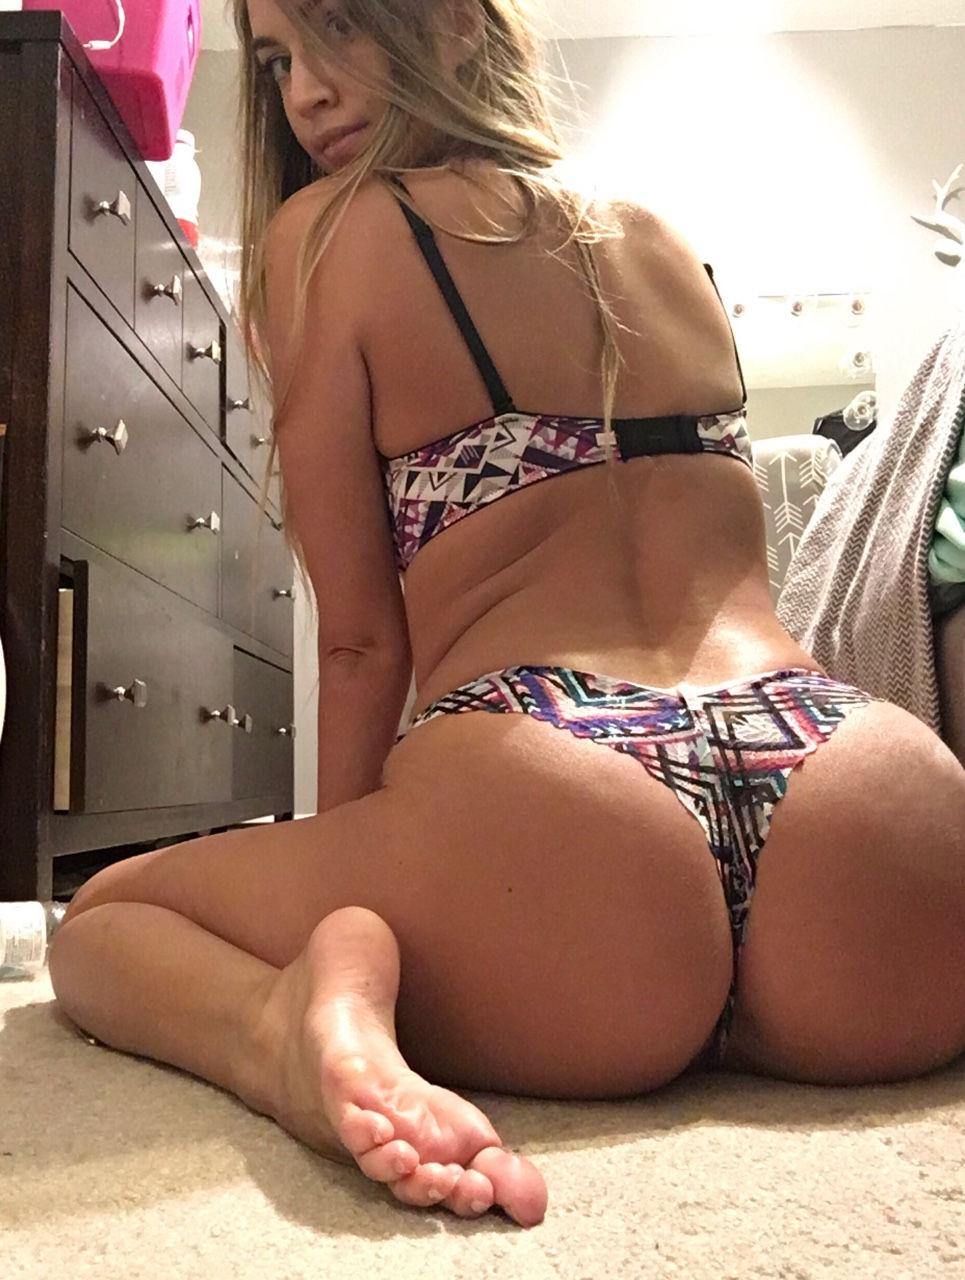 Kaylee cam